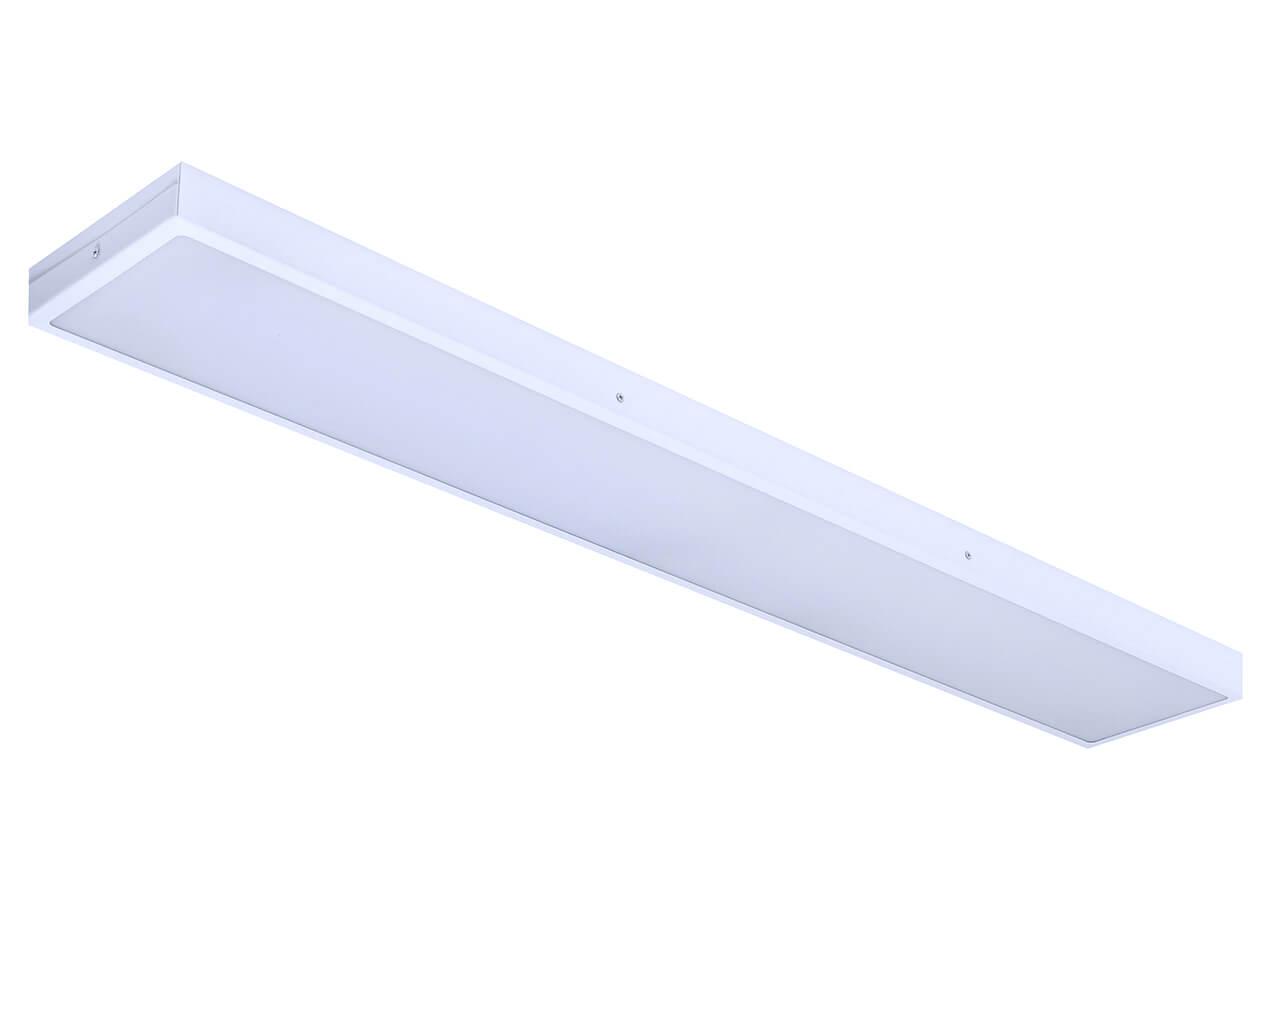 Накладной светильник LC-NS-SIP65-40-OP 1195*180 IP65 Теплый белый Опал